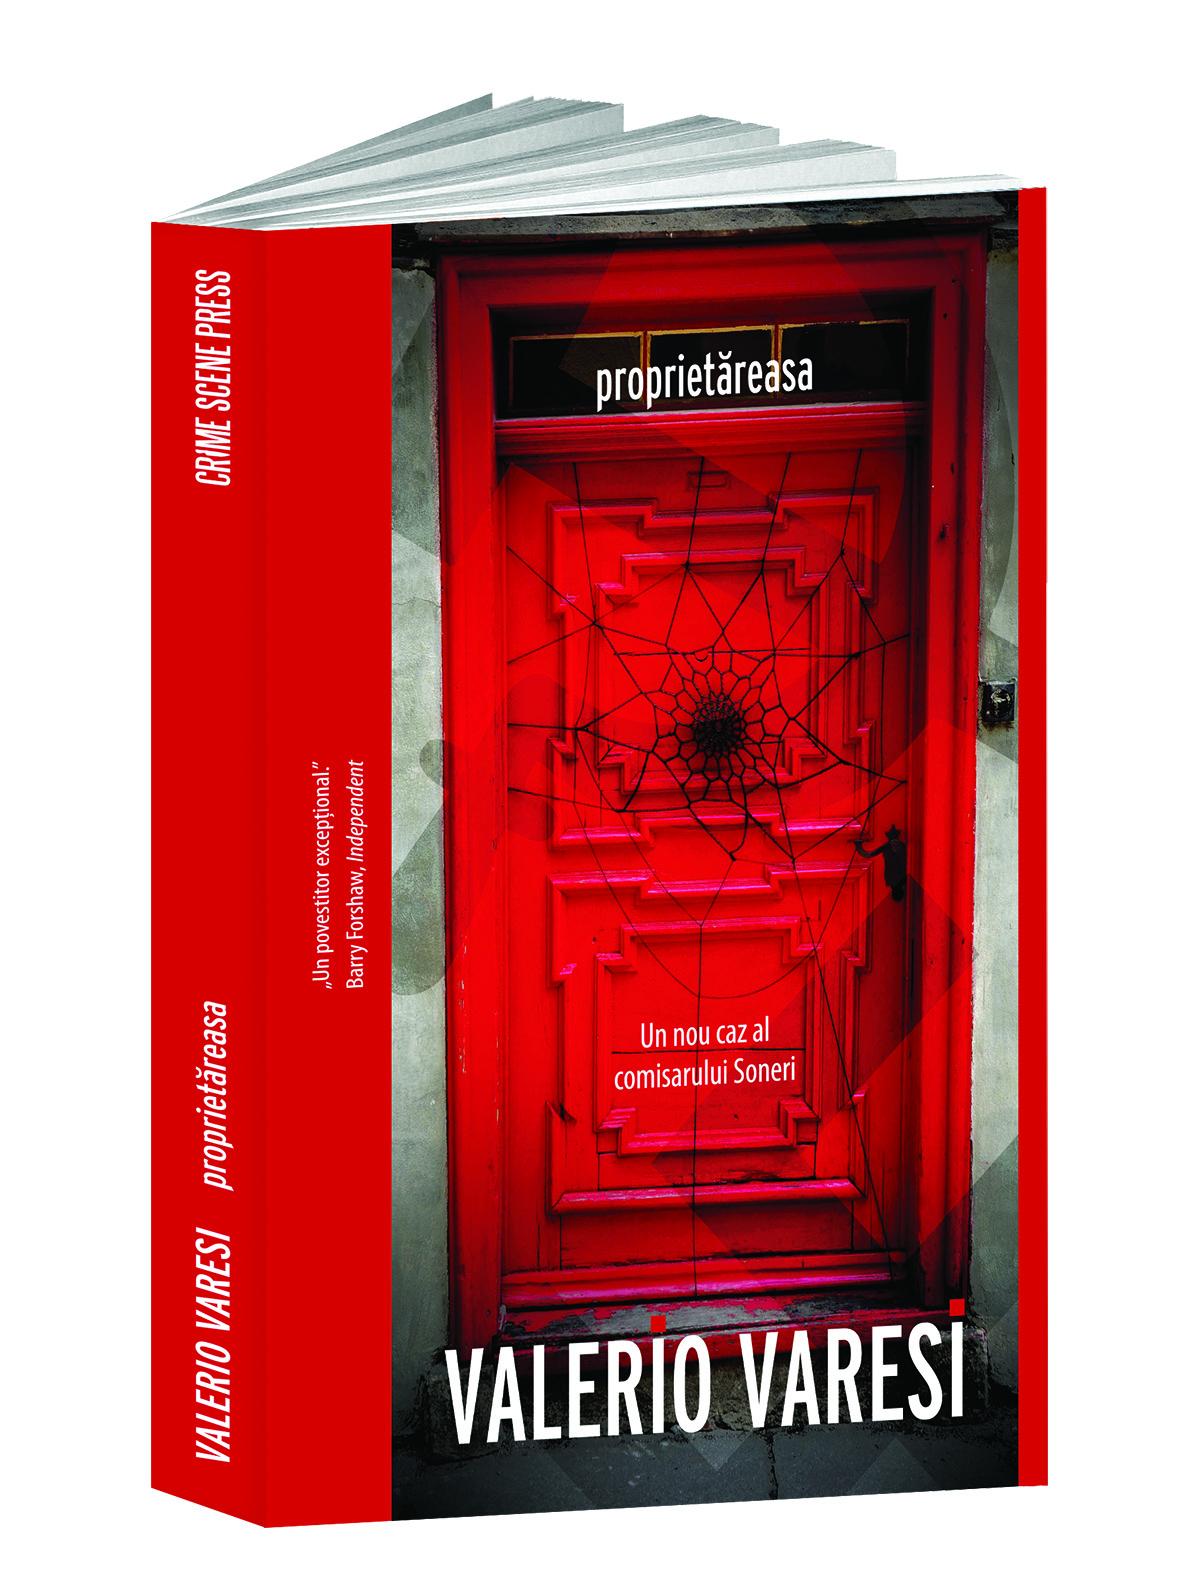 Proprietareasa | Valerio Varesi